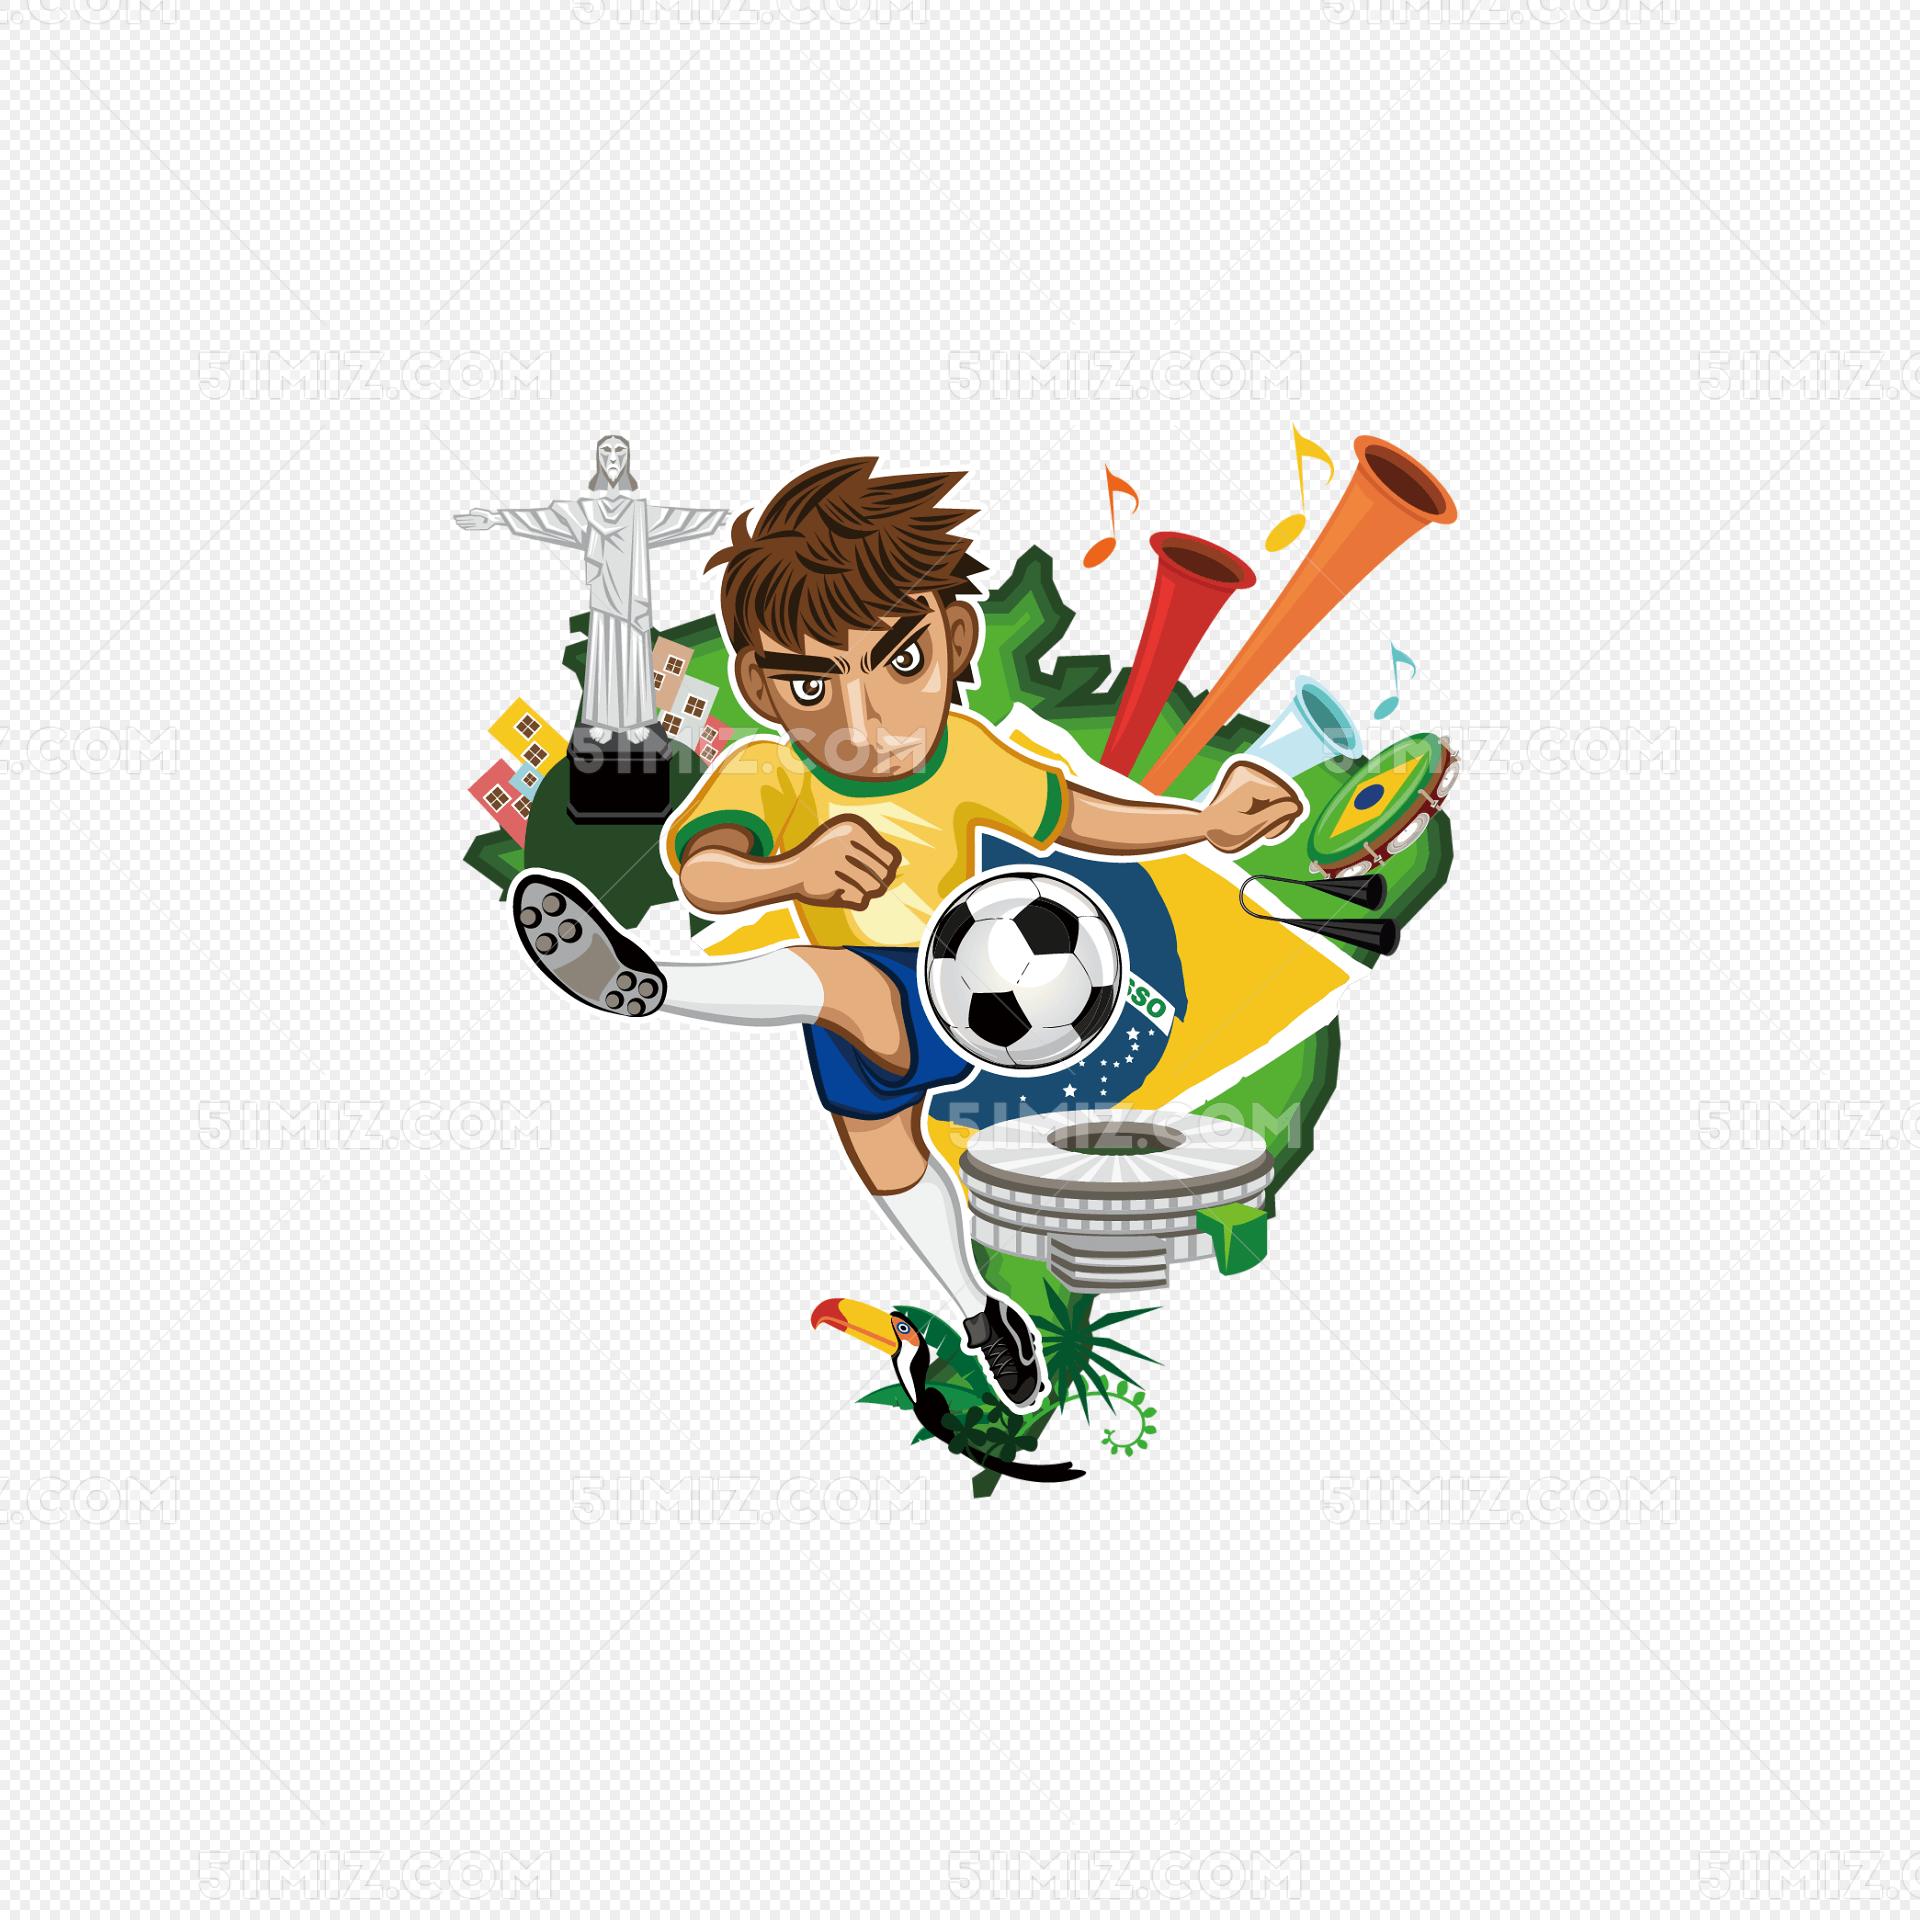 卡通足球人物背景矢量素材